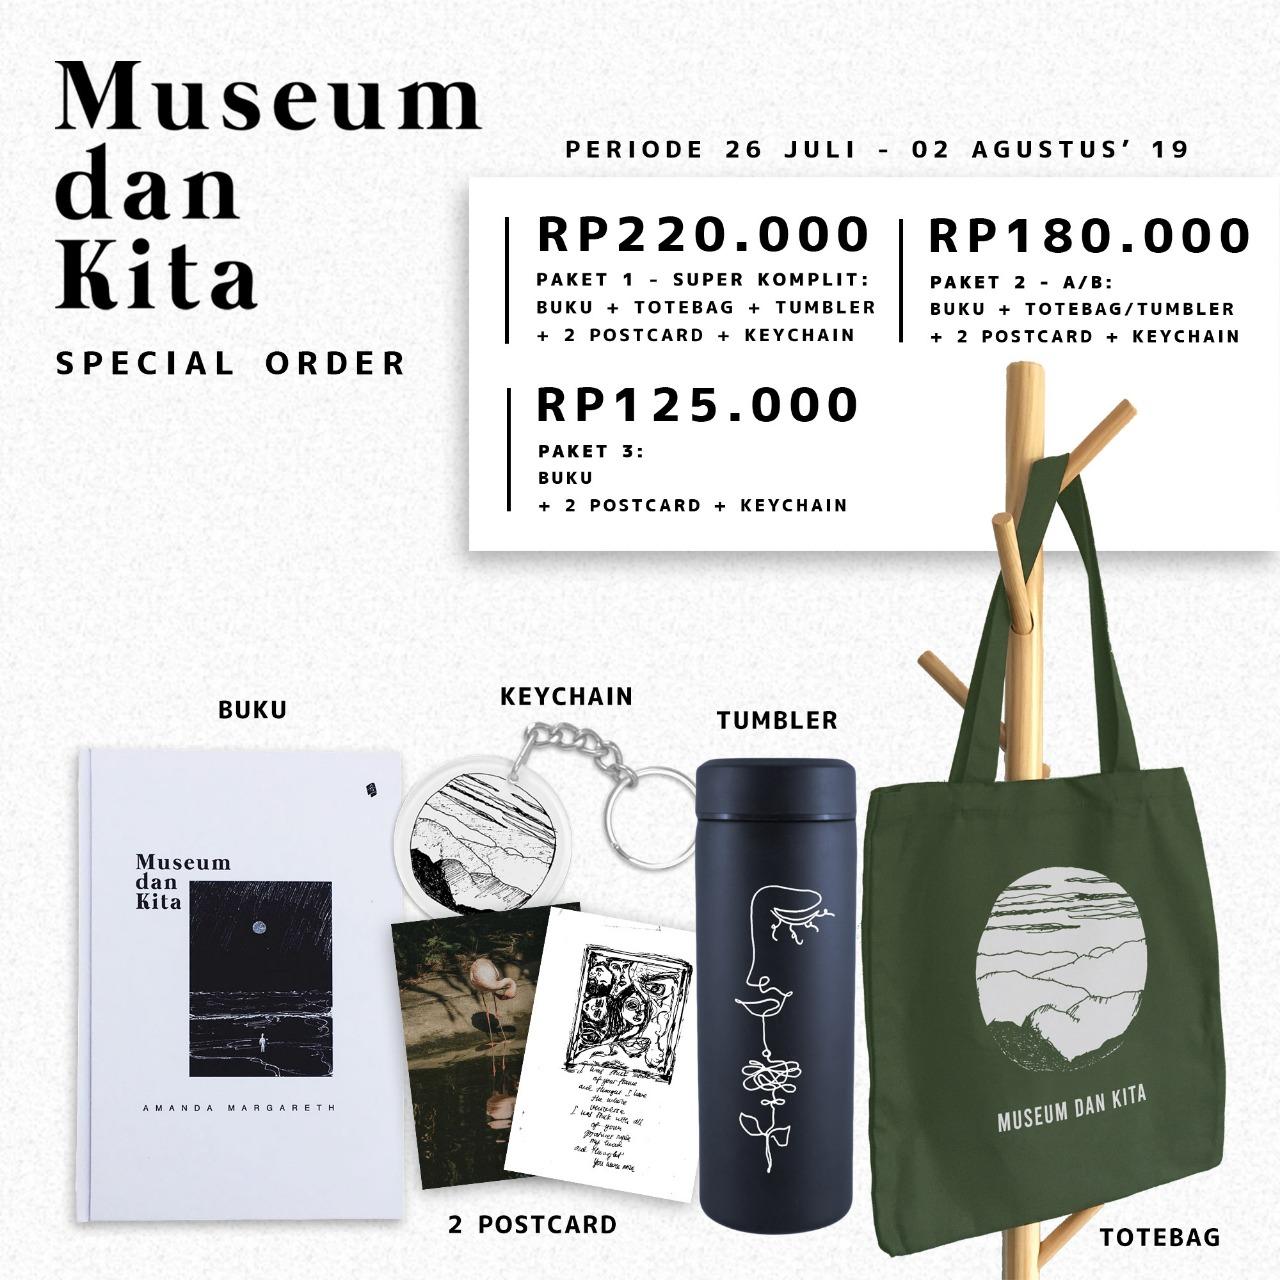 Special Order Museum Dan Kita - Amanda Margareth